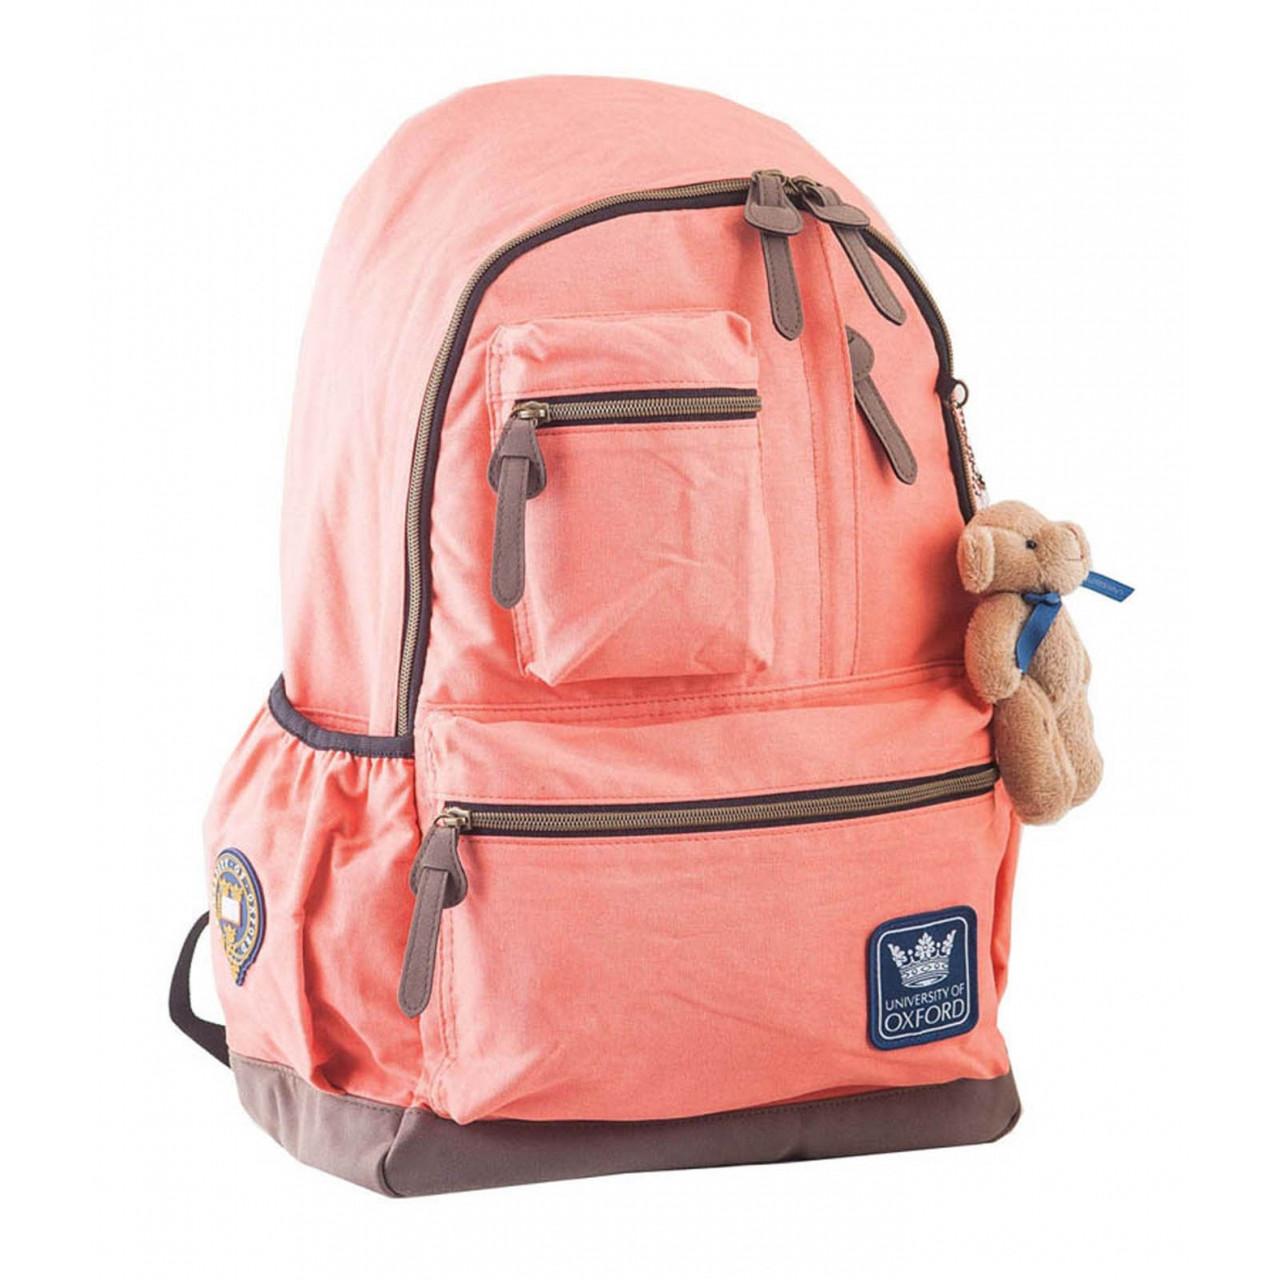 Рюкзак подростковый OX 236, персиковый, 30*47*16